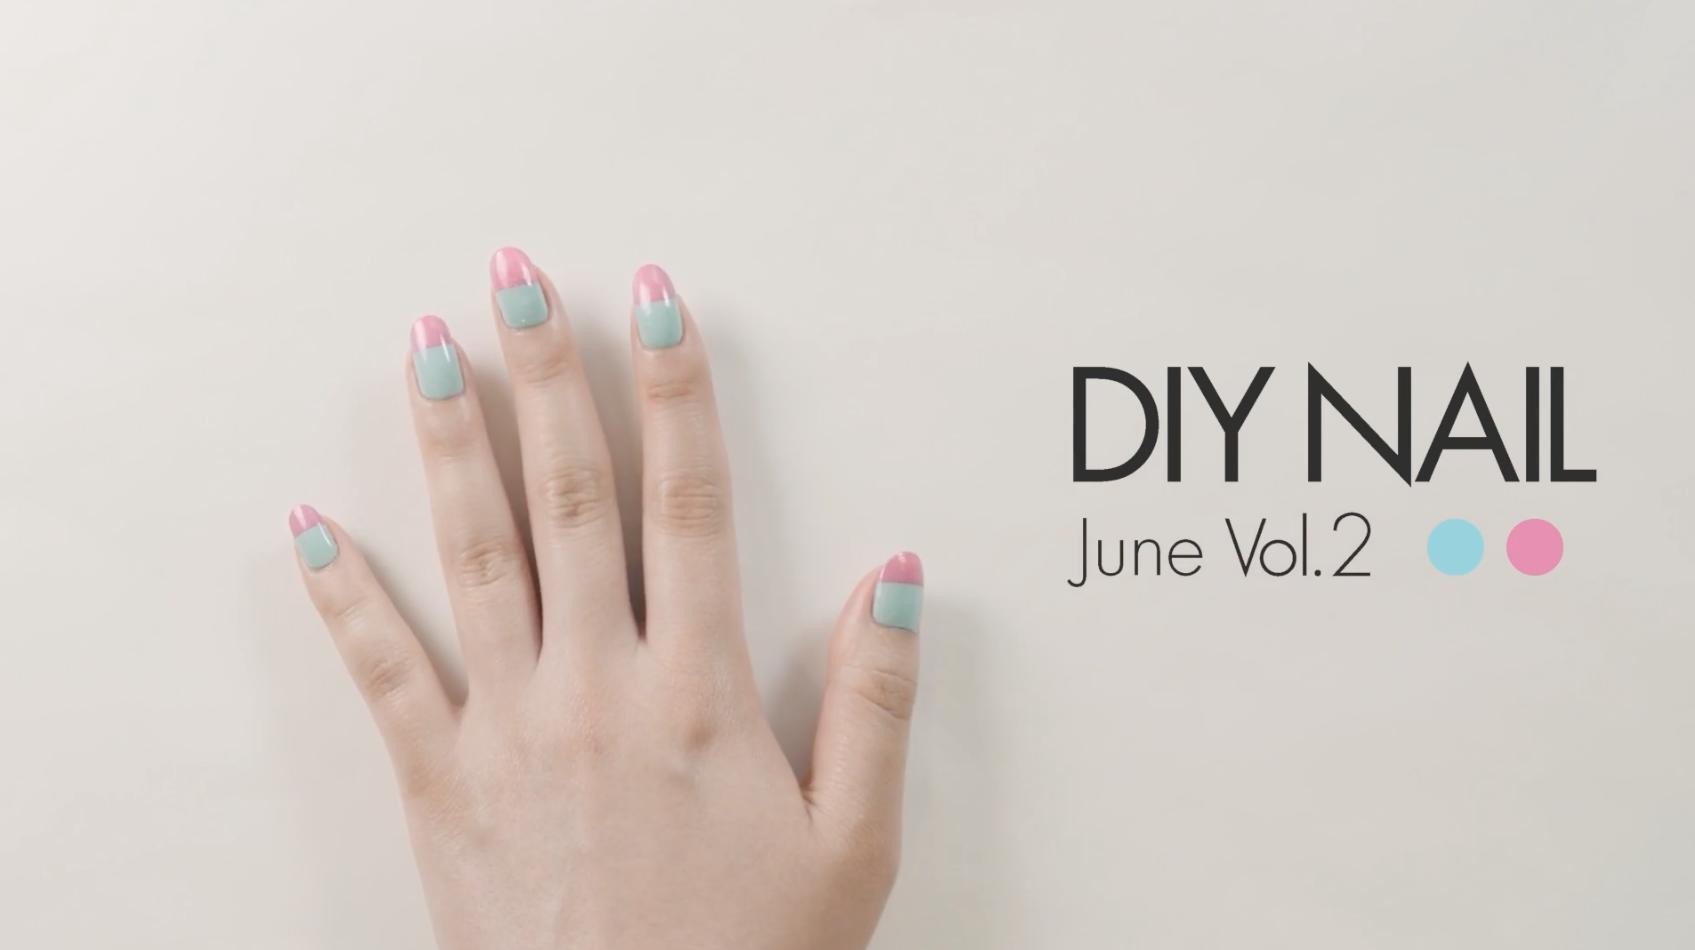 【DIYネイル vol.5】スプレー式ネイルでつくる、ポップなカラーブロックネイル